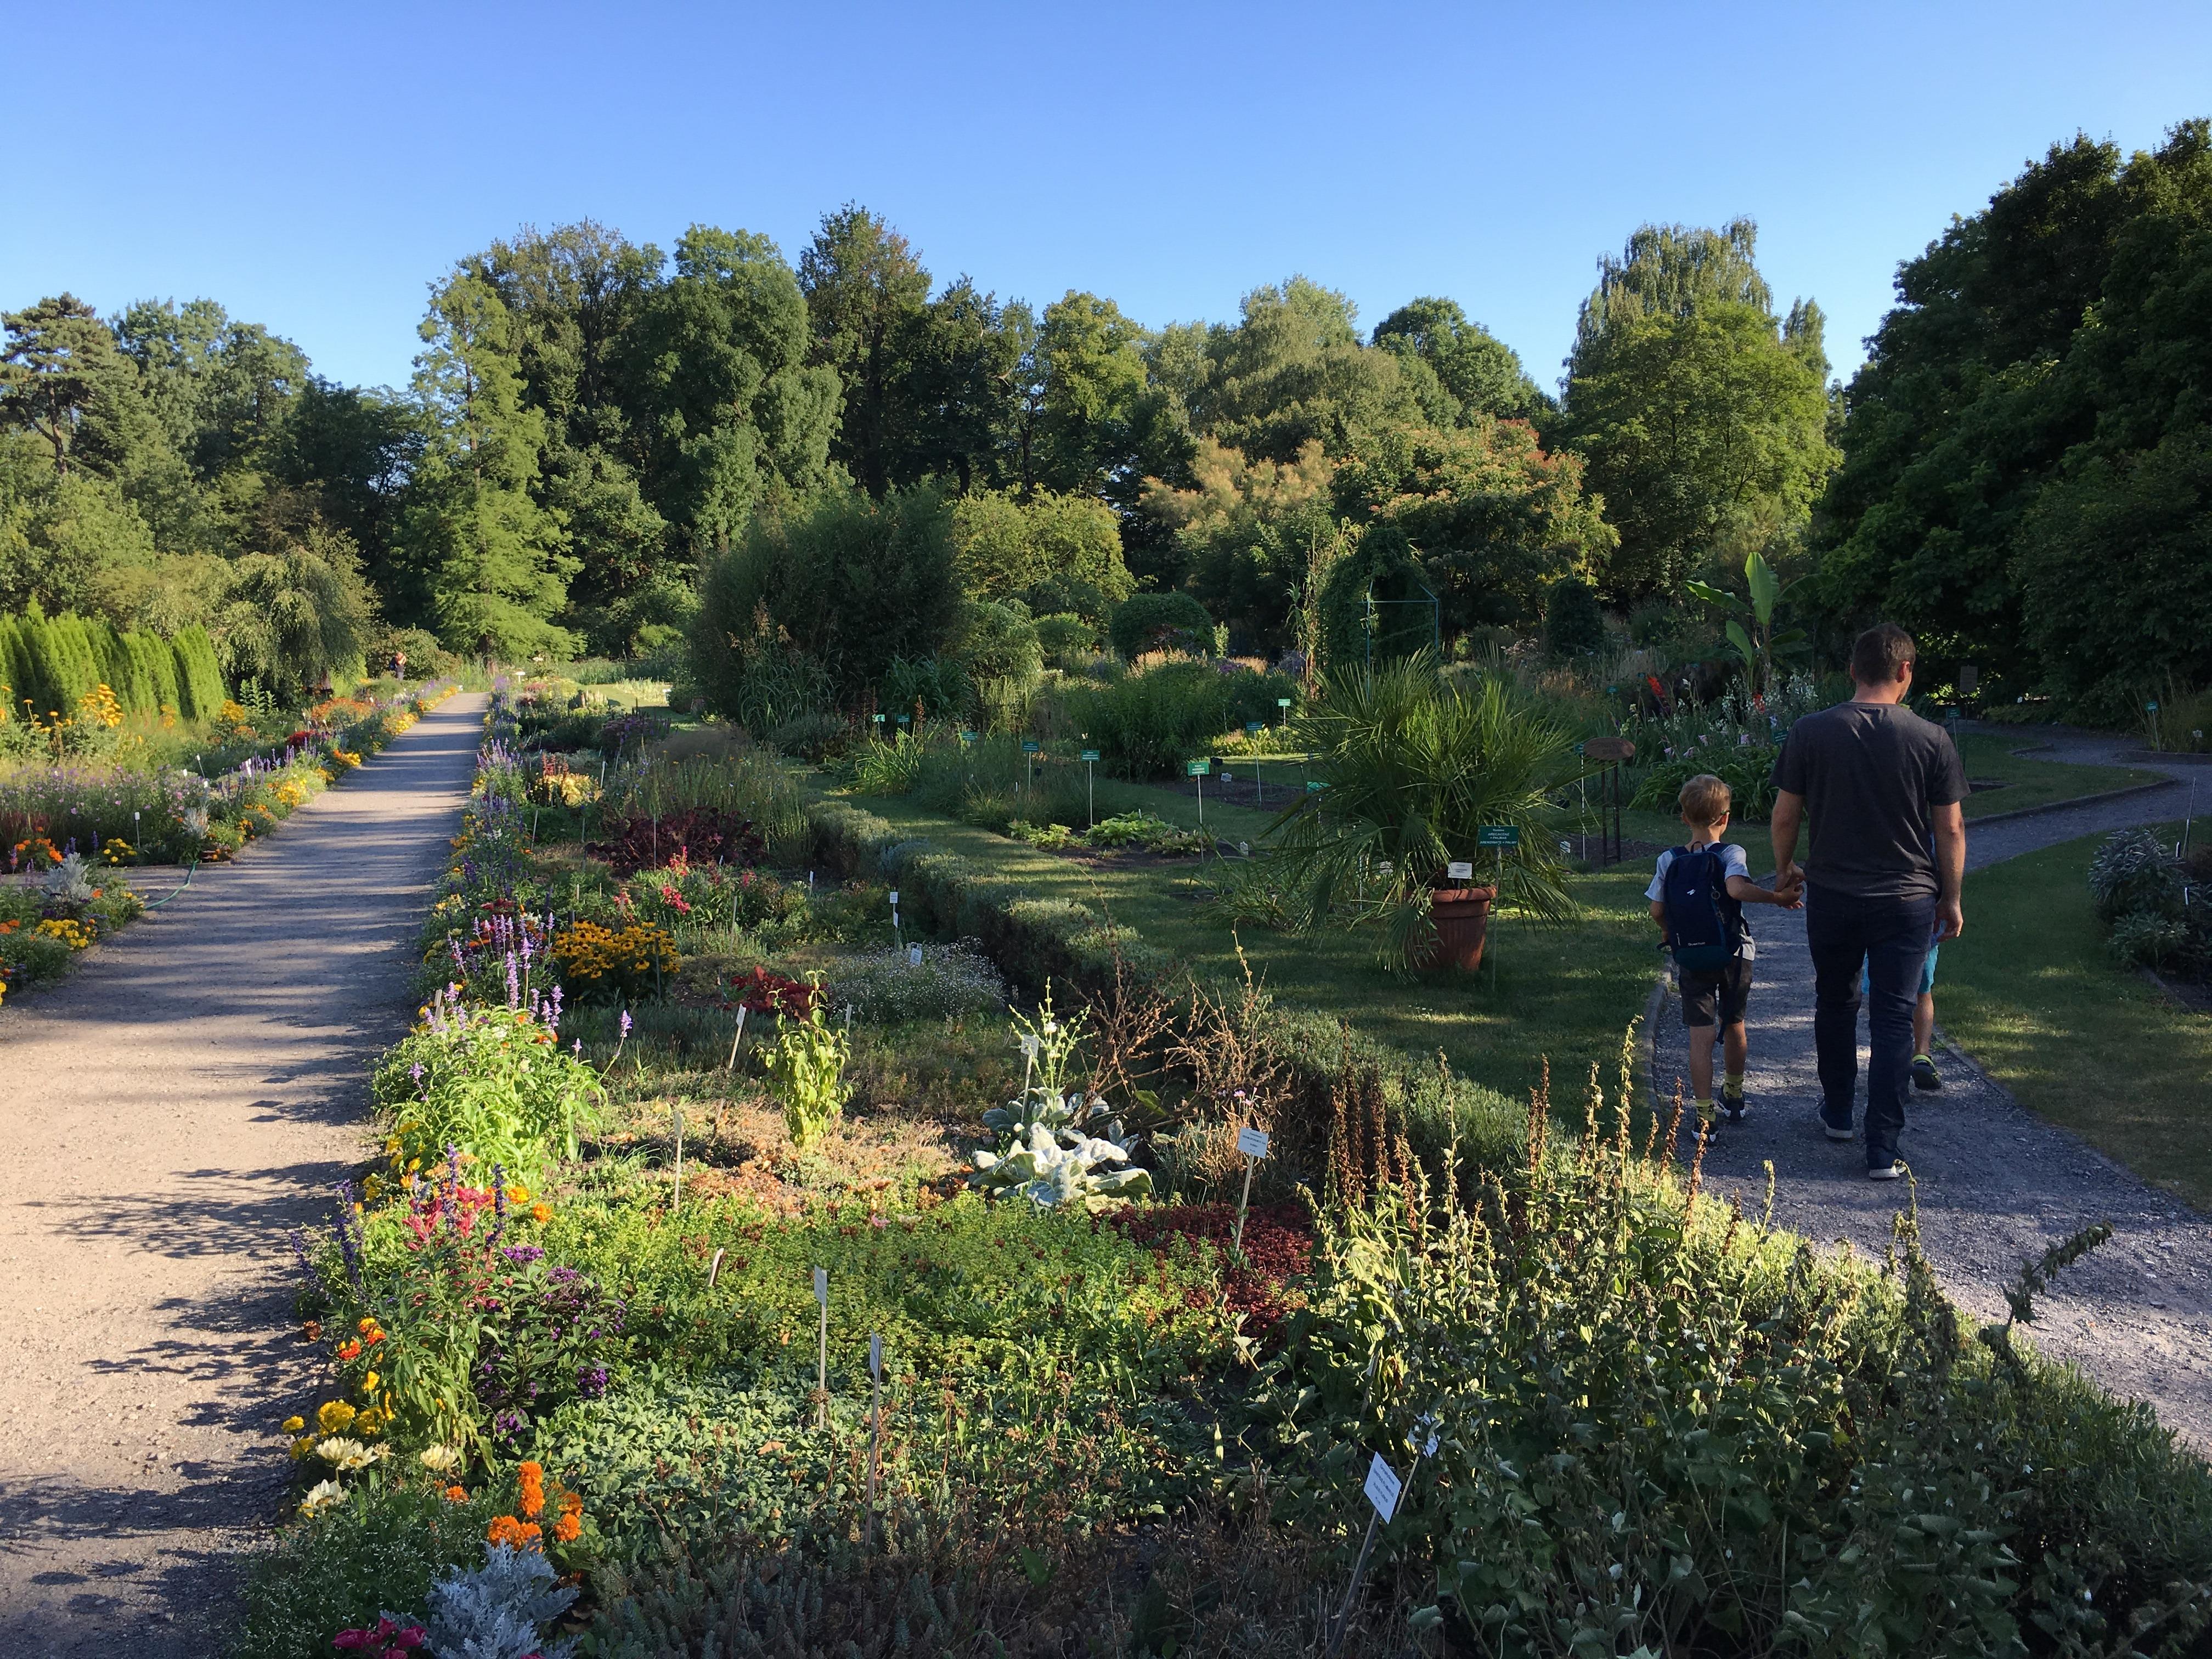 Alejki - ogród botaniczny w Krakowie